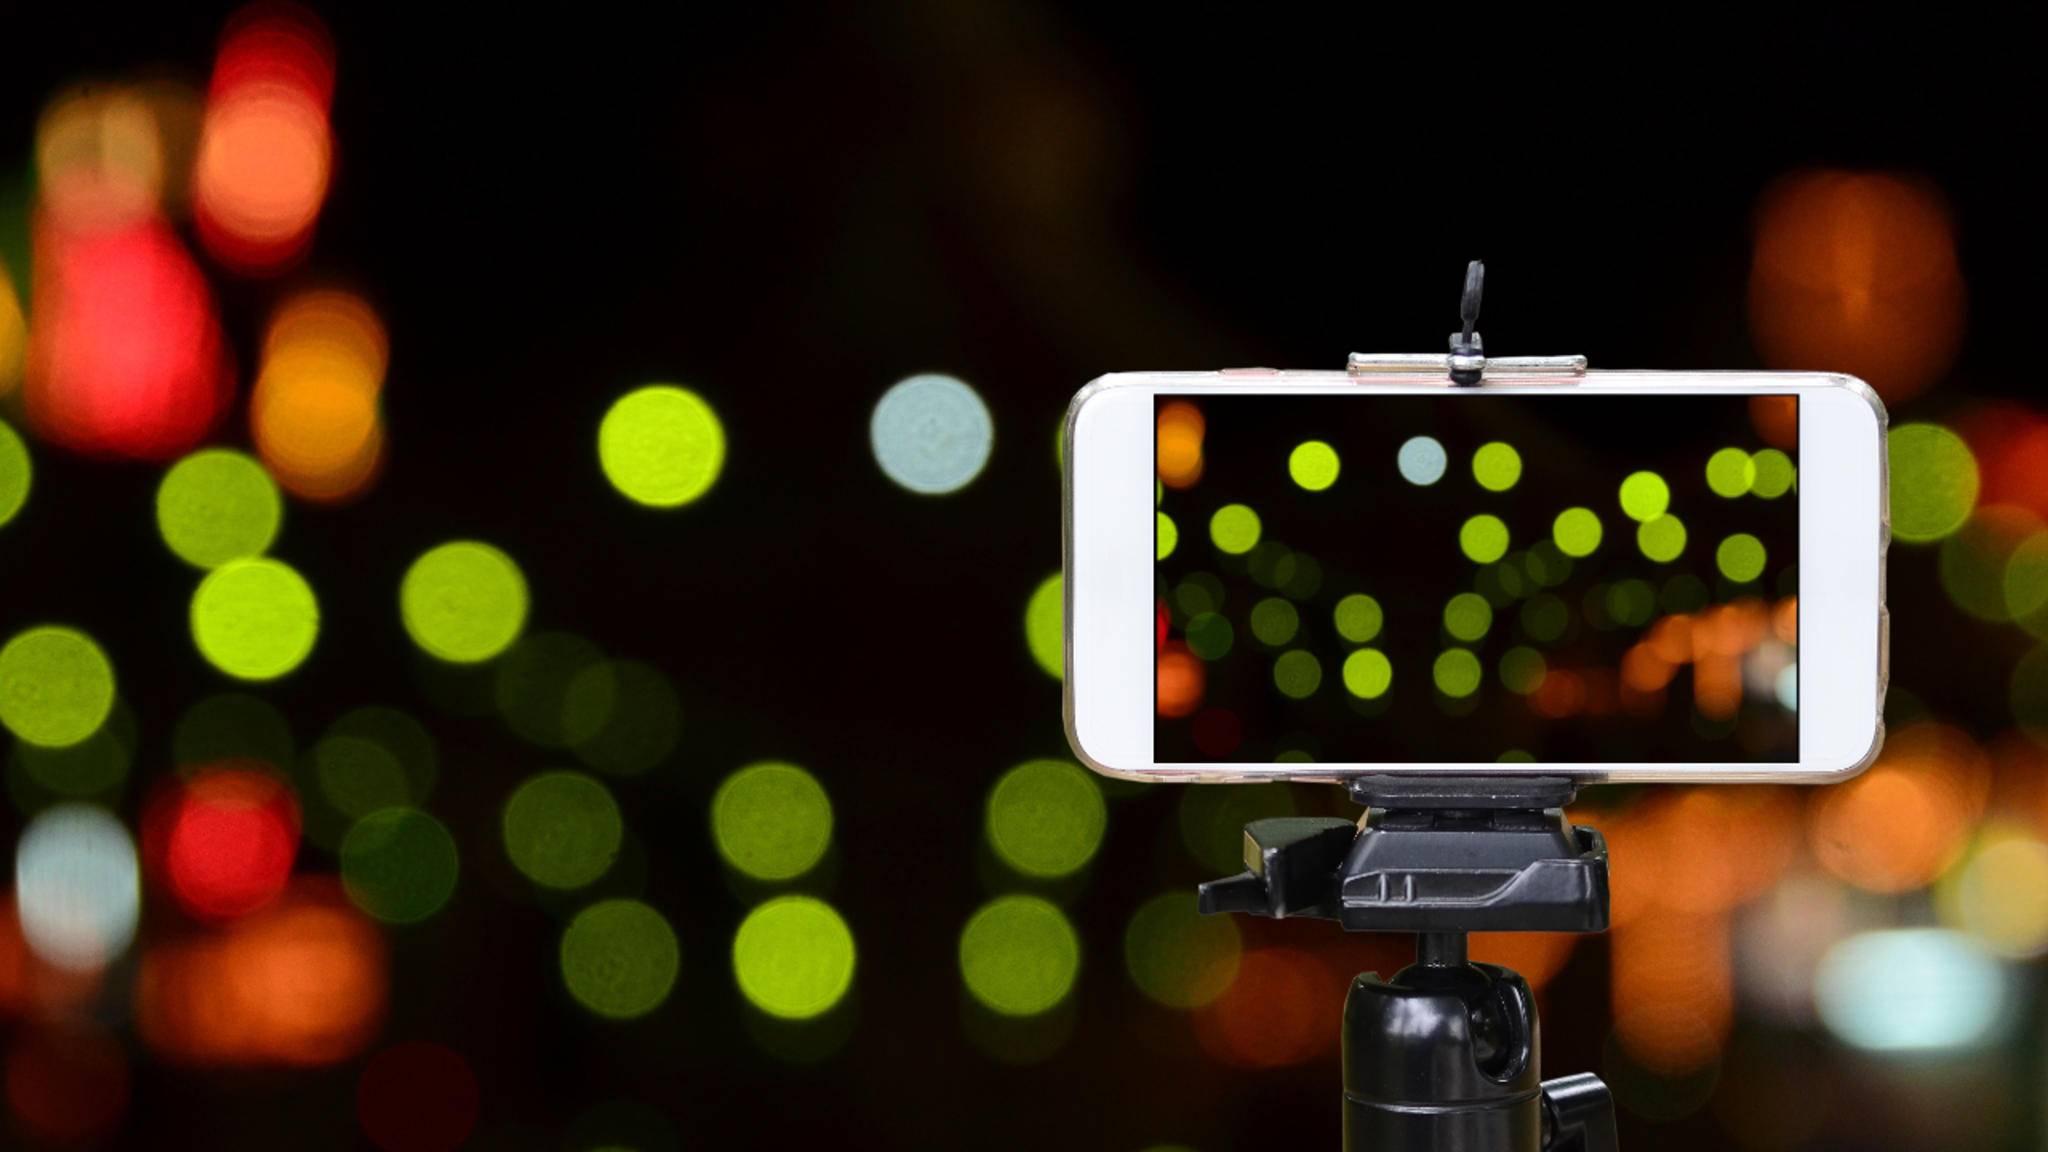 Das iPhone spielt keine Videos ab? Wir geben Hilfestellung.